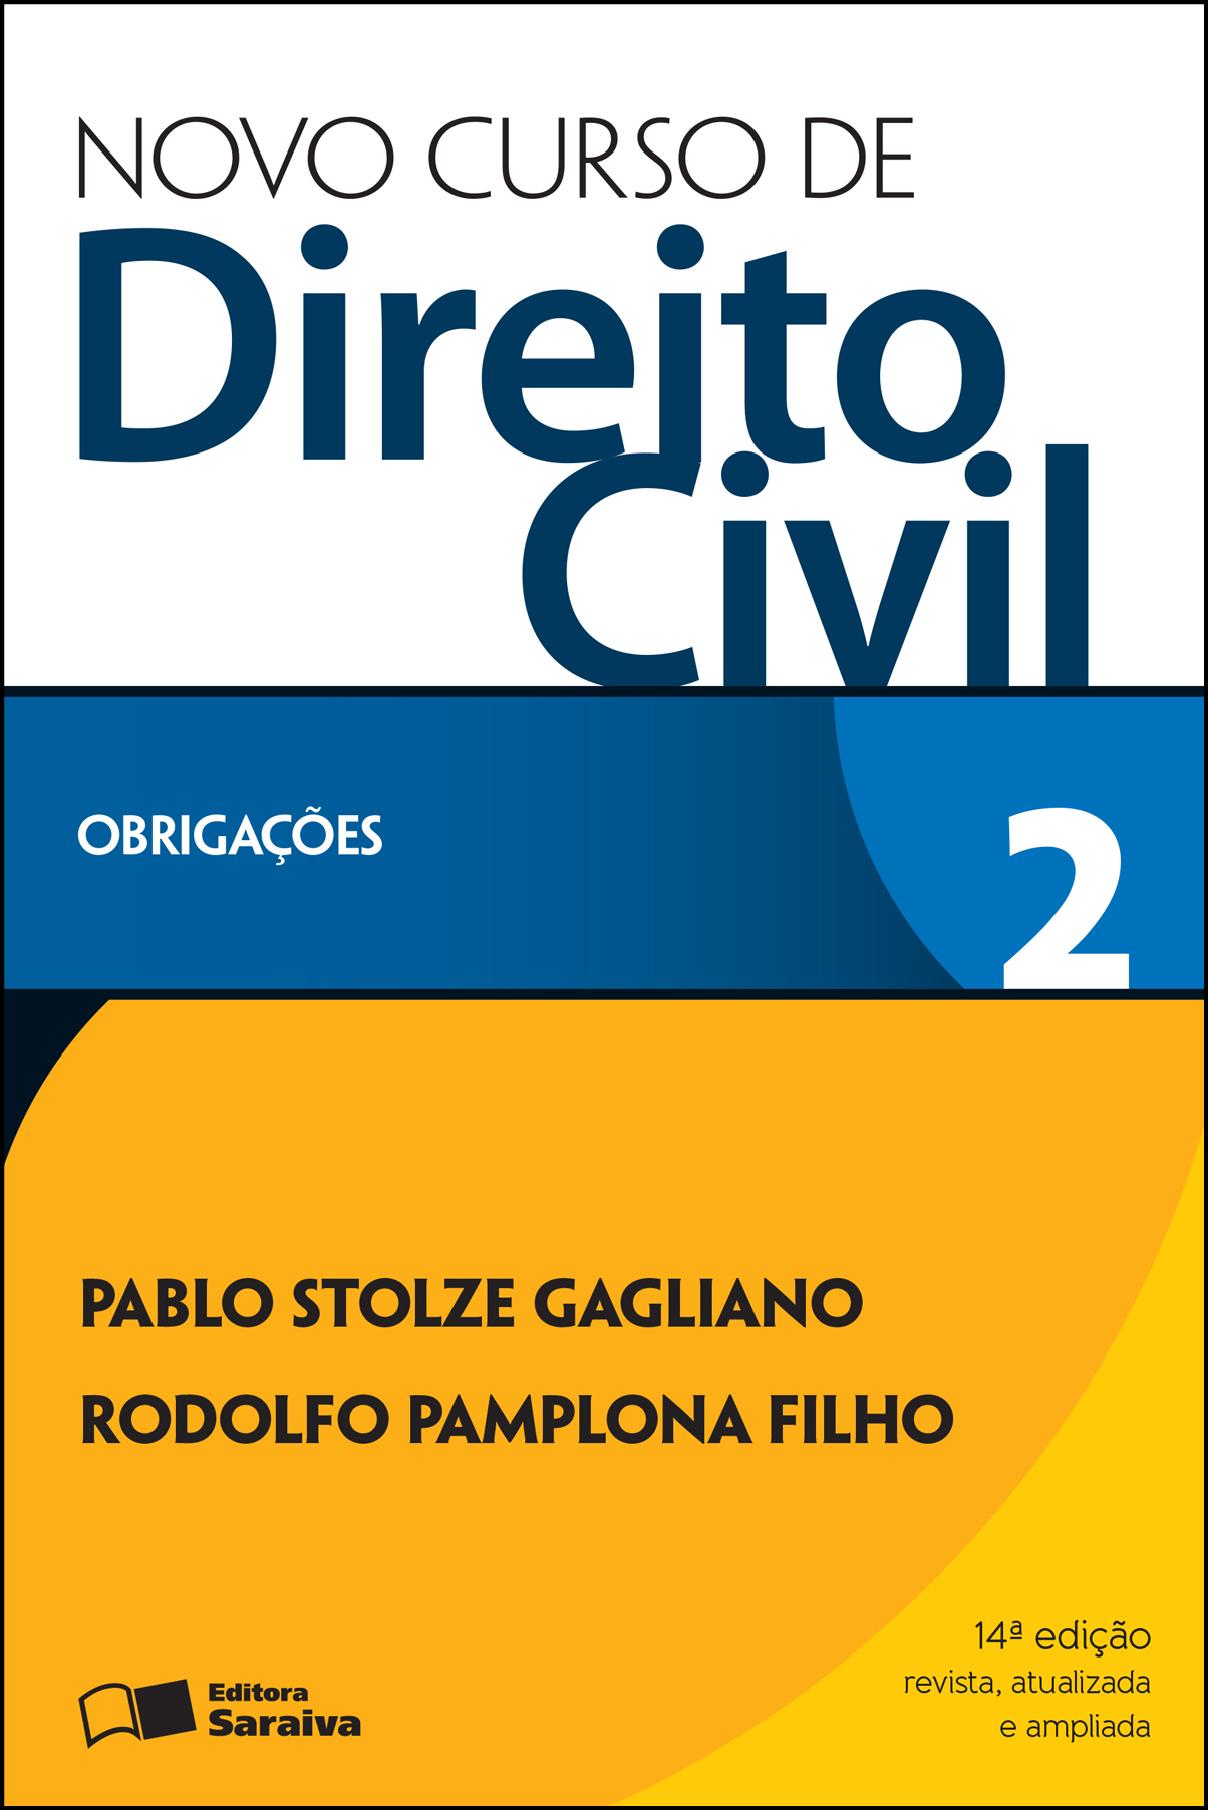 Novo Curso de Direito Civil, 2